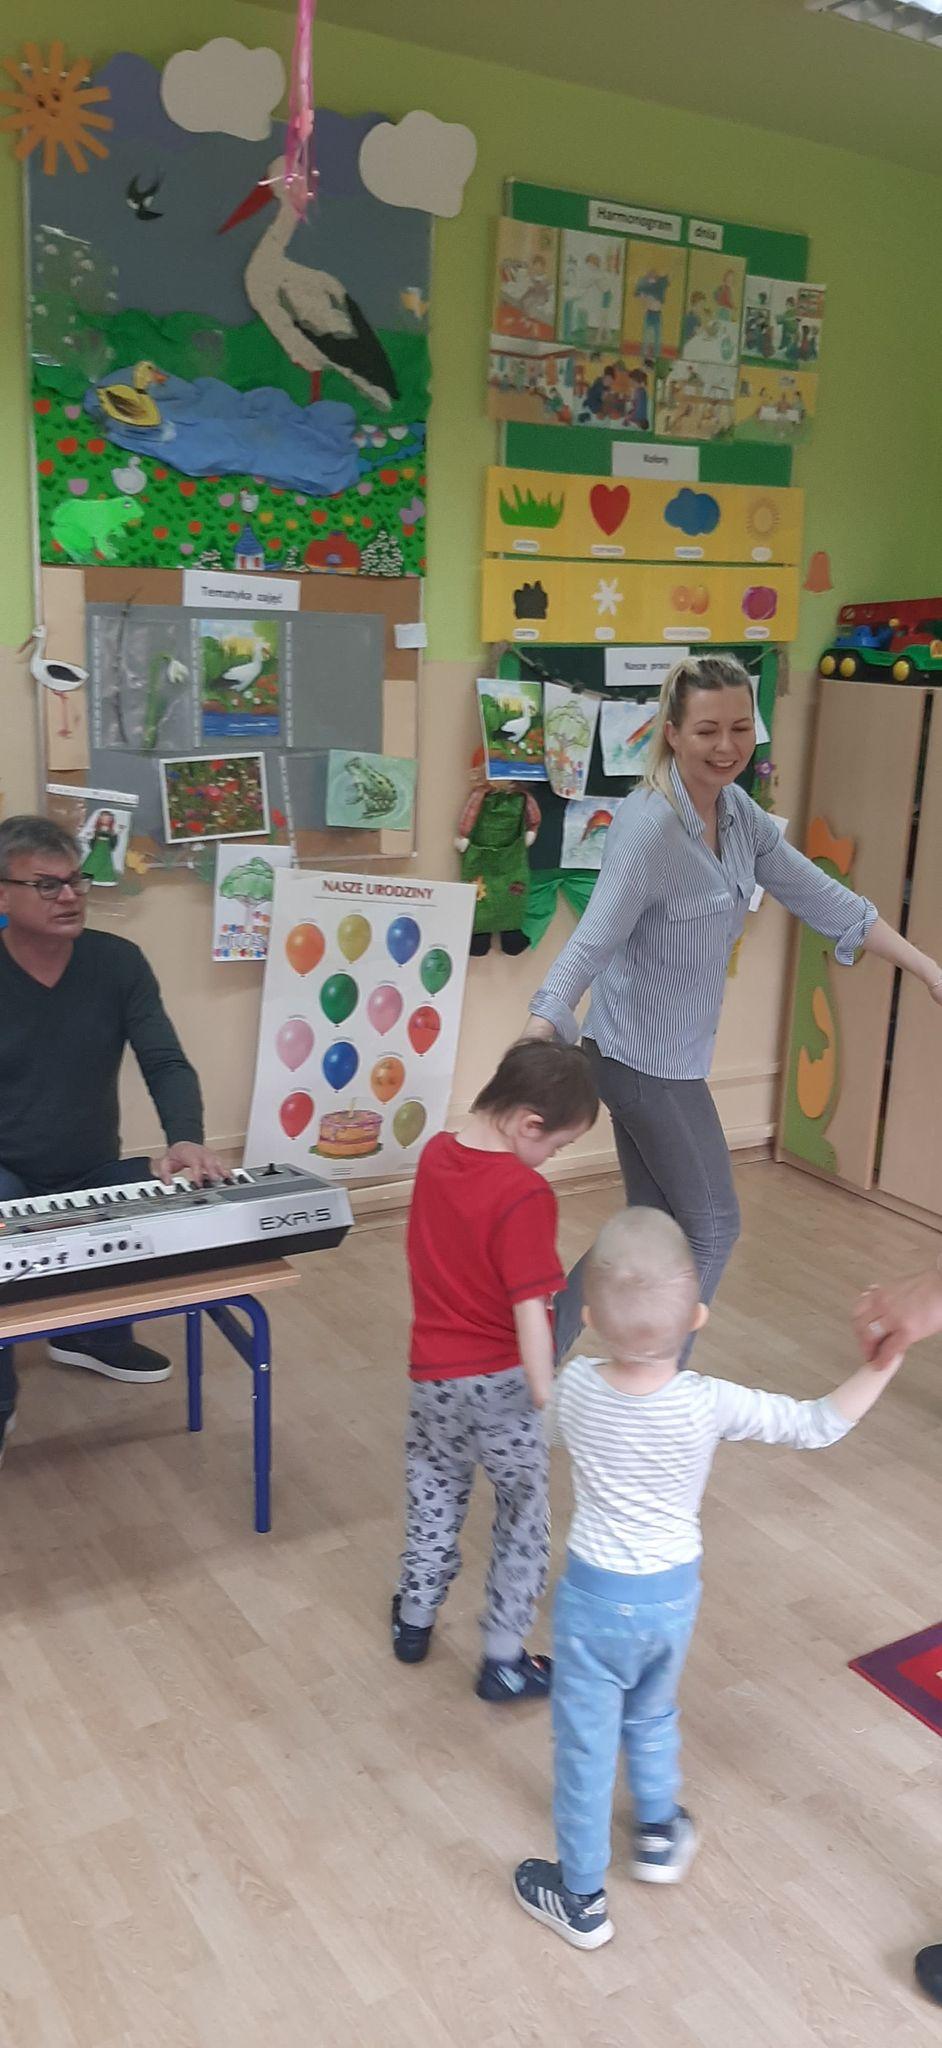 Dzieci wraz z nauczycielem bawią się w kółeczku